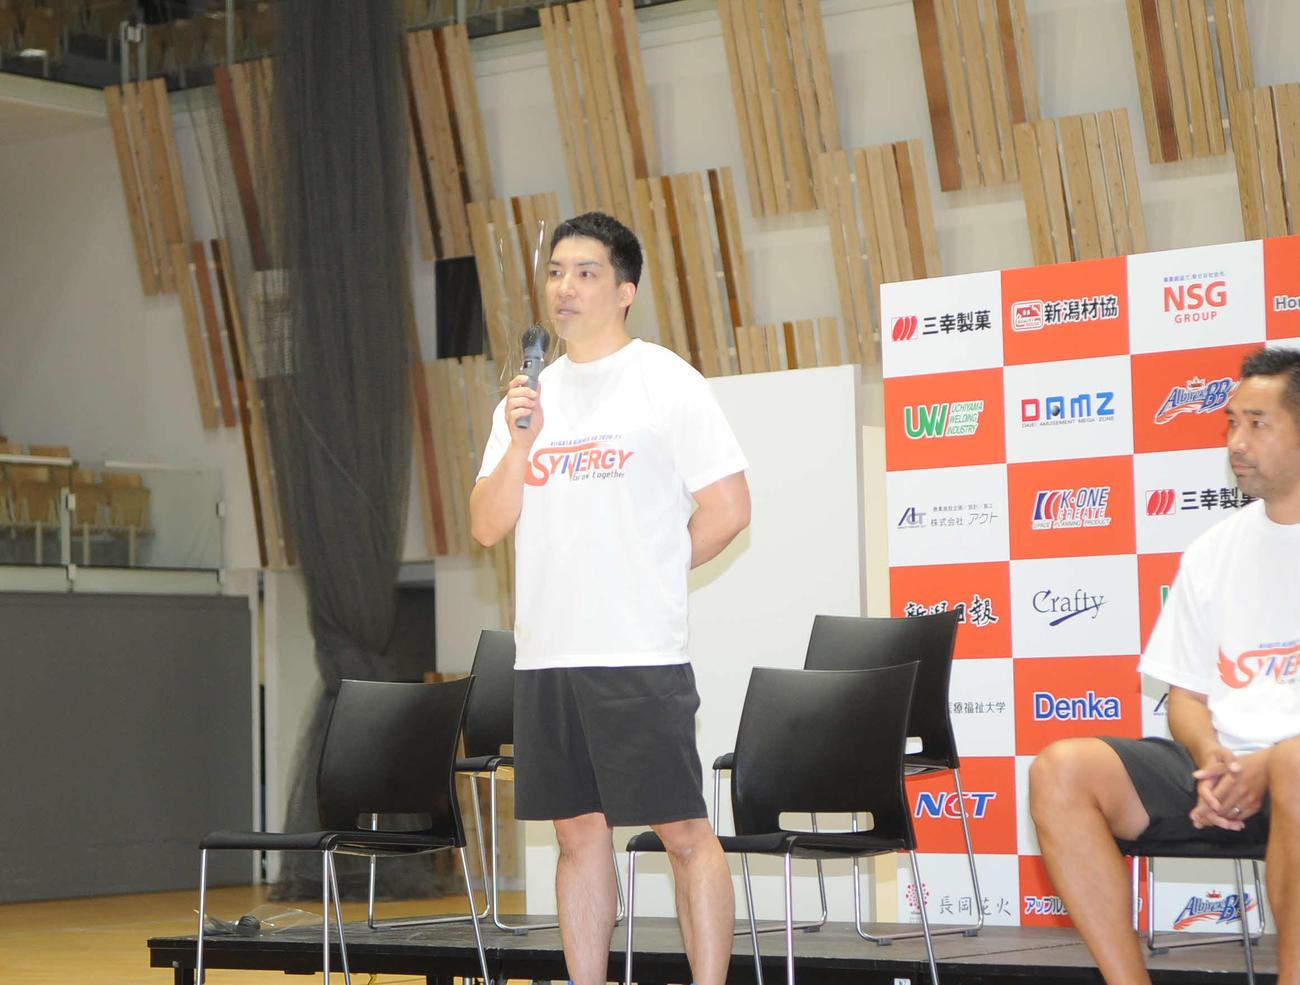 今季の目標に「日本一」を掲げる福田監督